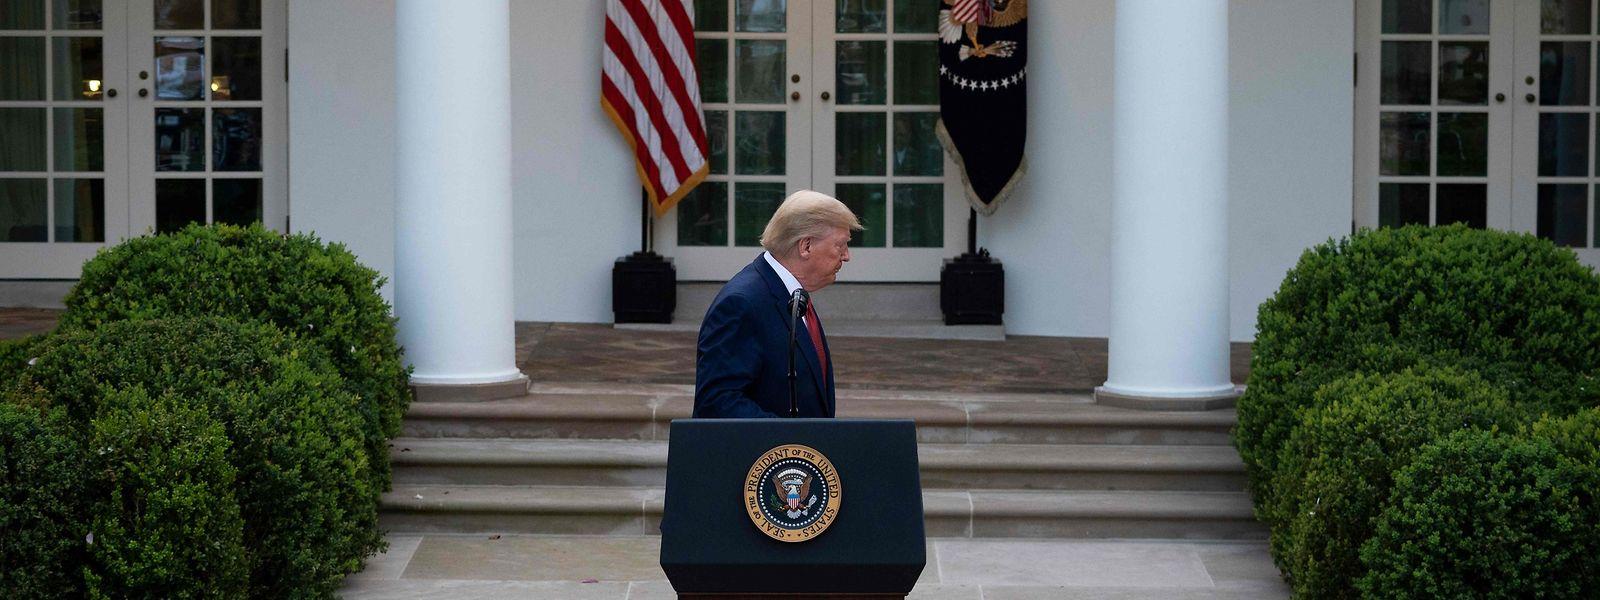 Trump verlässt das Rednerpult nach seiner Ansprache.